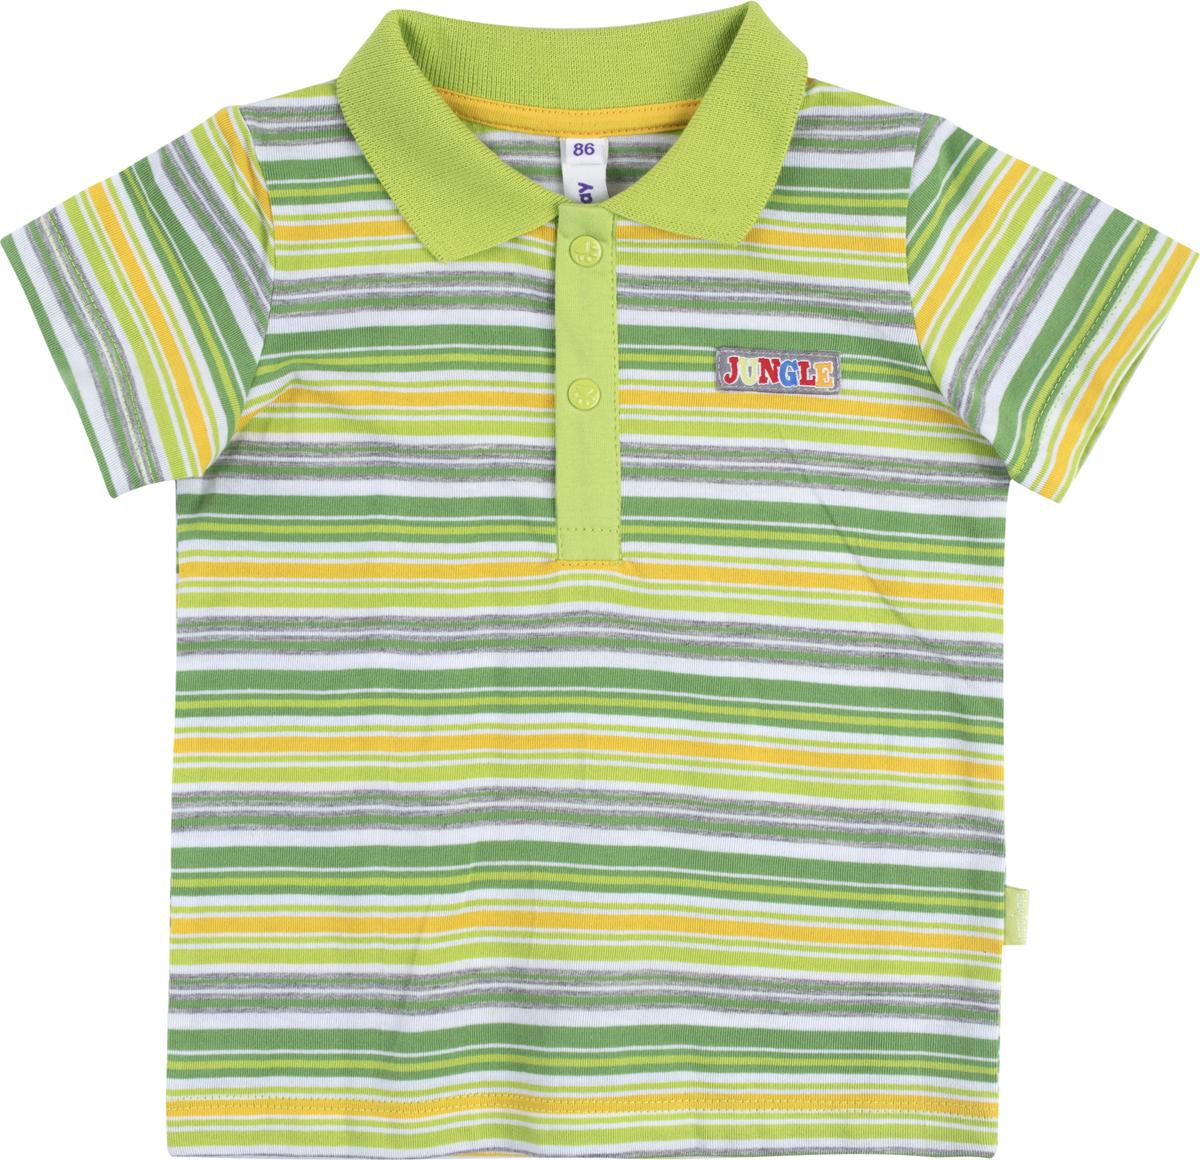 Поло для мальчика PlayToday, цвет: мультиколор. 187062. Размер 98187062Поло PlayToday выполнено из натуральной хлопковой ткани. Модель с короткими рукавами и отложным воротником сверху застегивается на пуговицы.